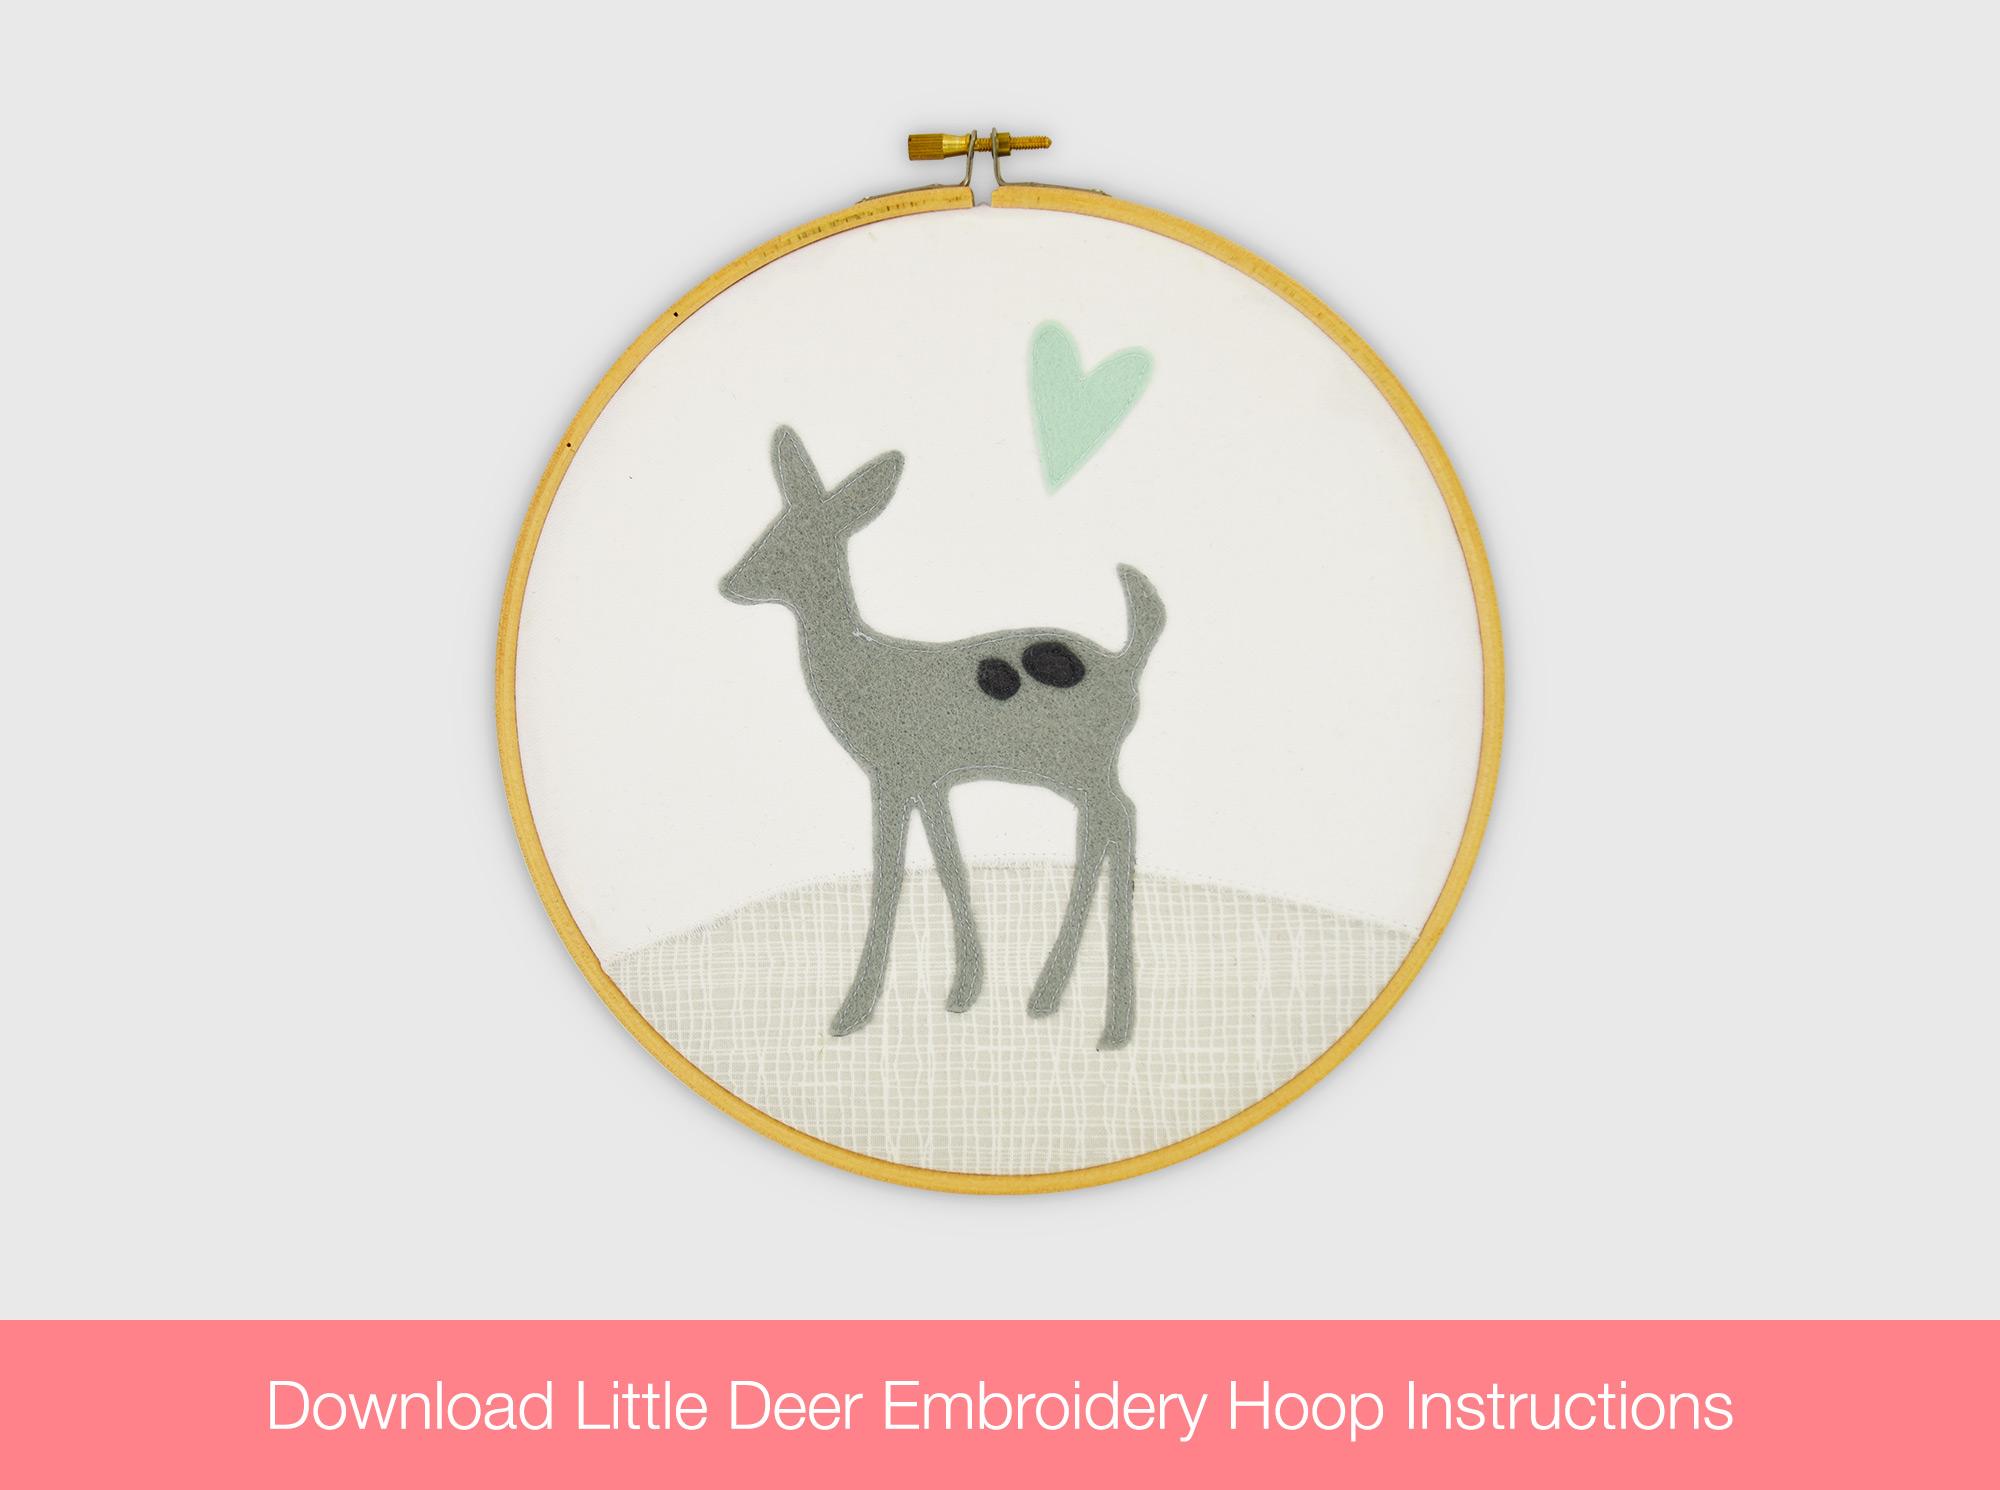 Little Deer Embroidery Hoop